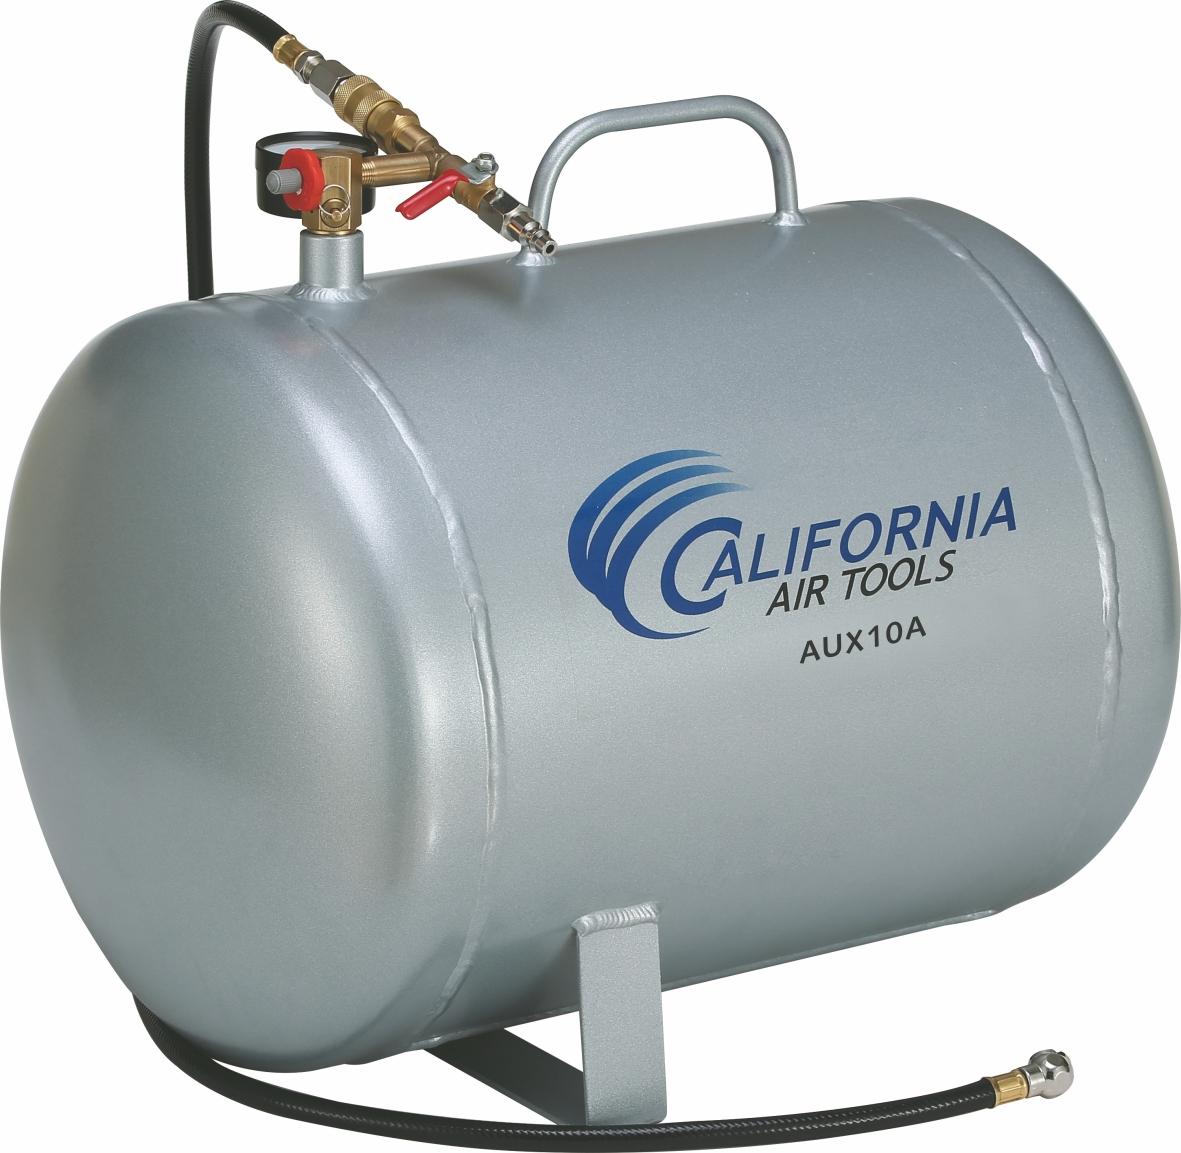 California Air Tools AUX10A - 10 Gallon Lightweight (Rust Free) Portable Aluminum Air Tank